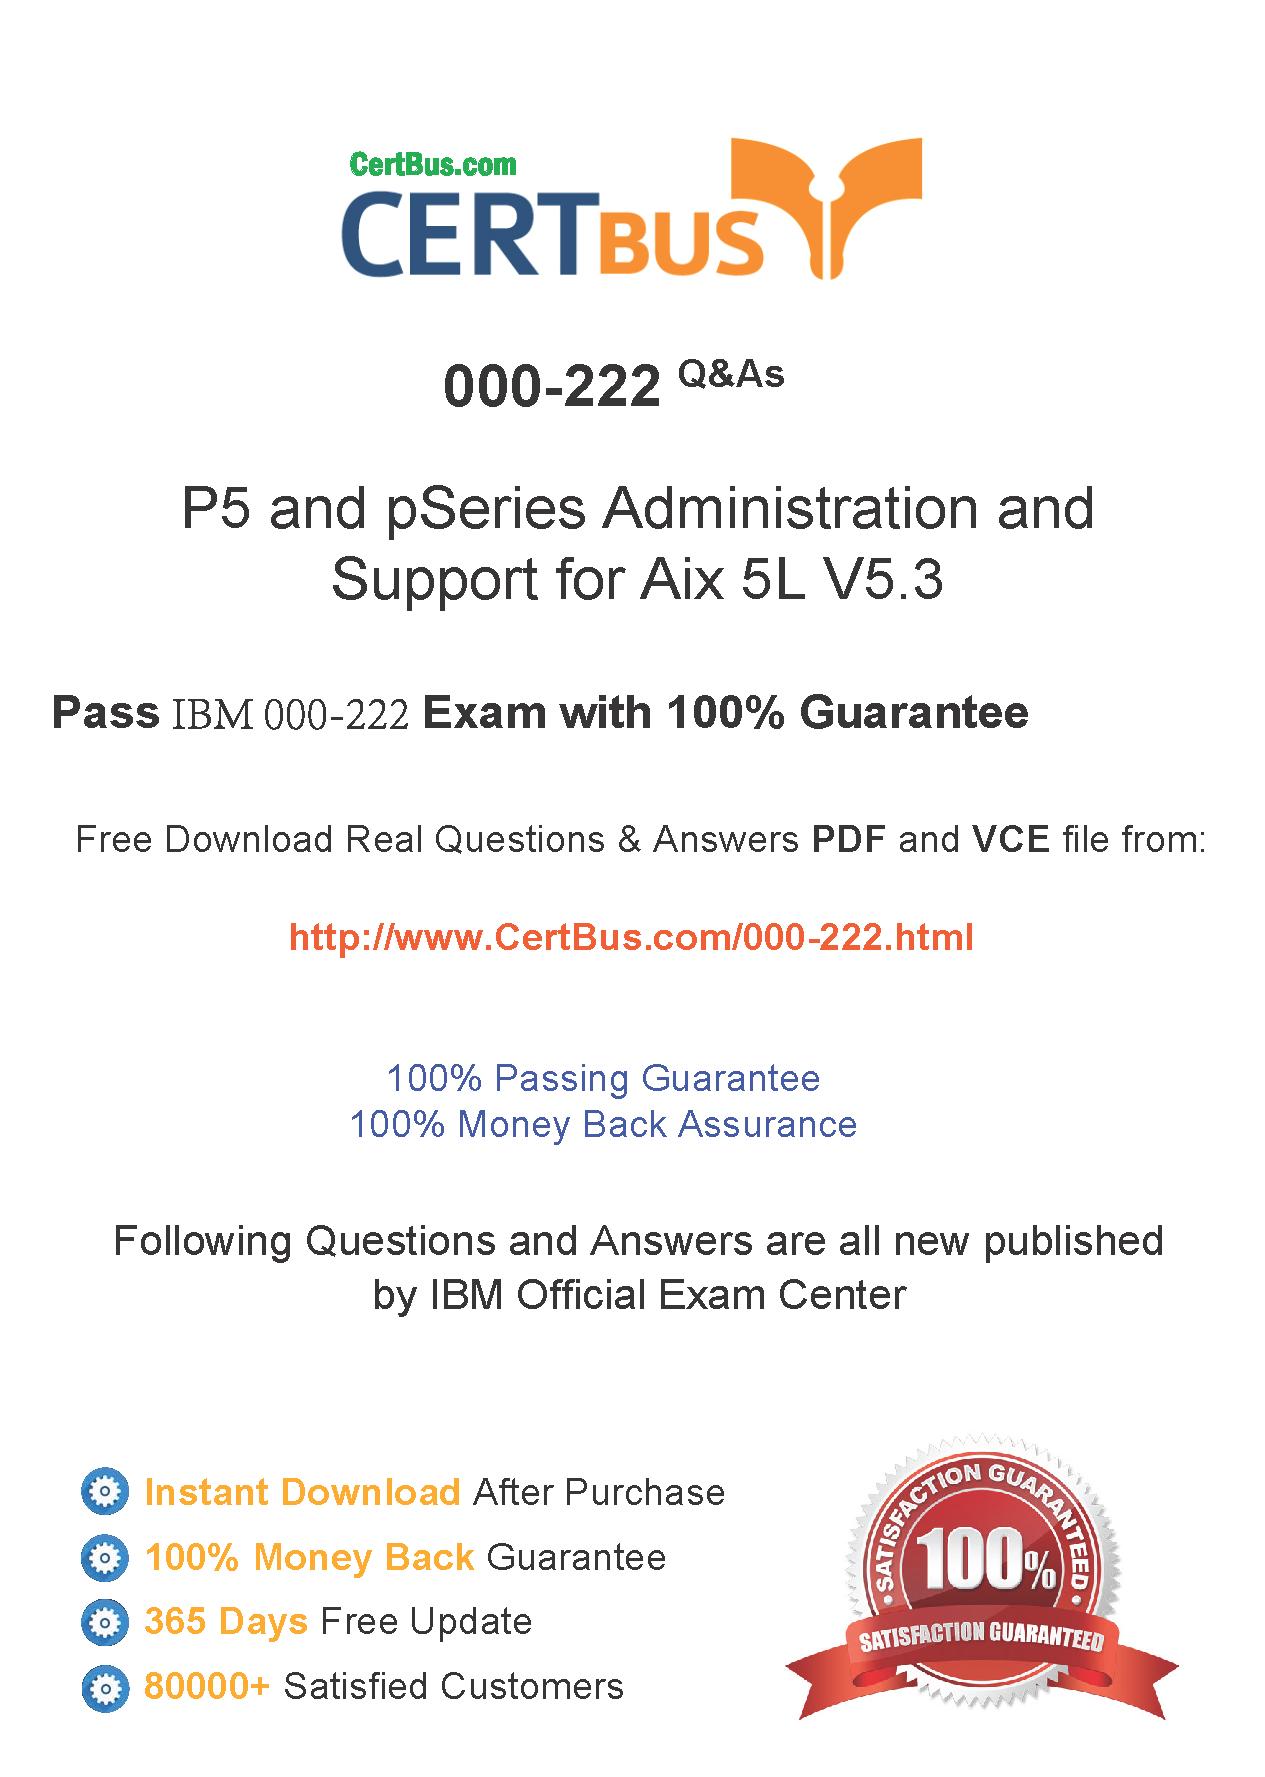 Certbus ibm 000 222 free pdfvce exam practice test dumps download certbus ibm 000 222 free pdfvce exam practice test dumps download real qas xflitez Choice Image